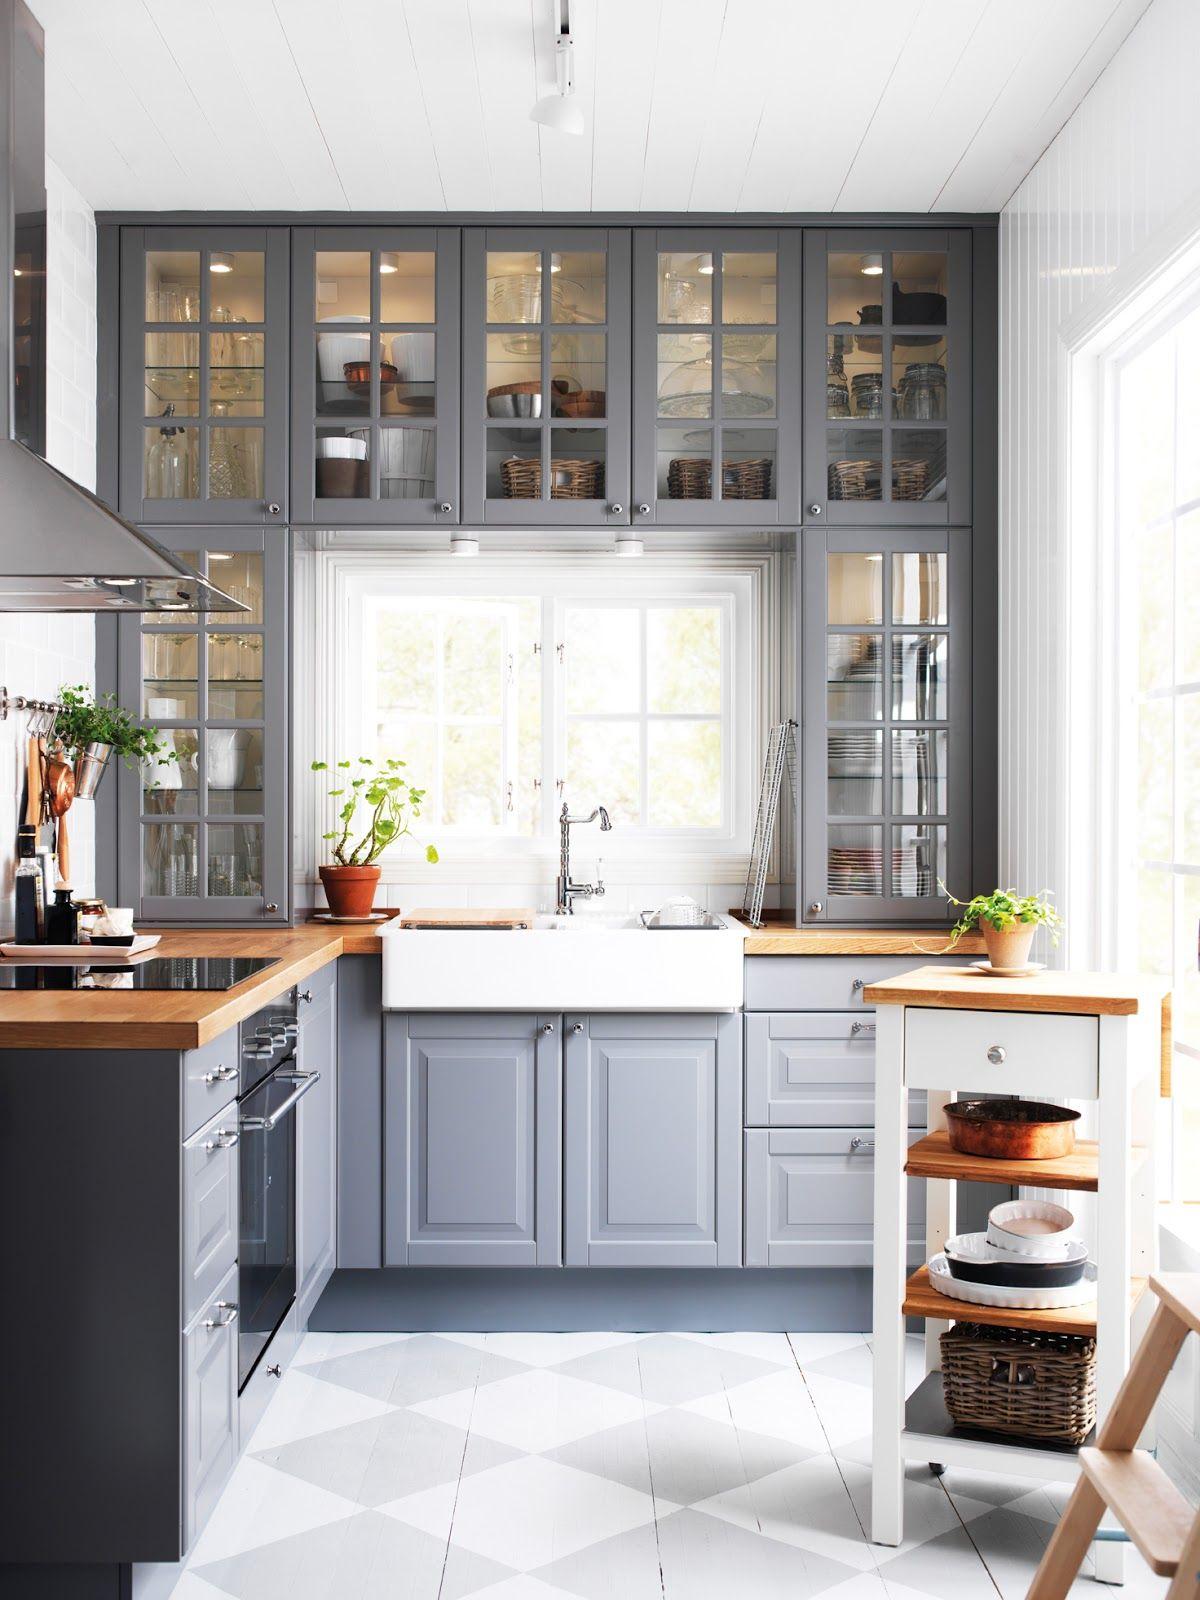 IKEA 2014 | Küche | Cucina grigia, Cucine piccole und Cucina ikea